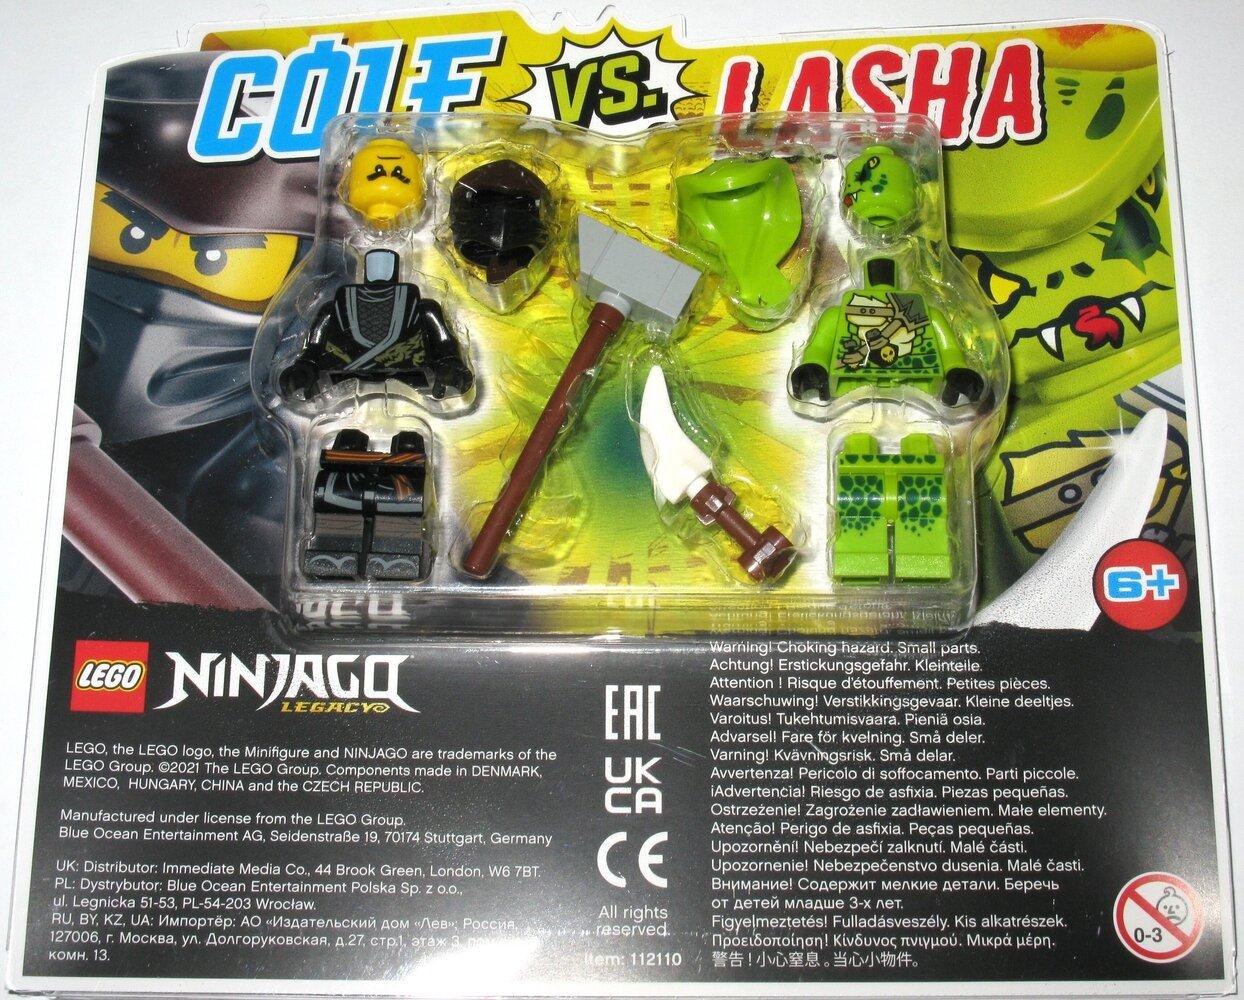 Cole vs. Lasha